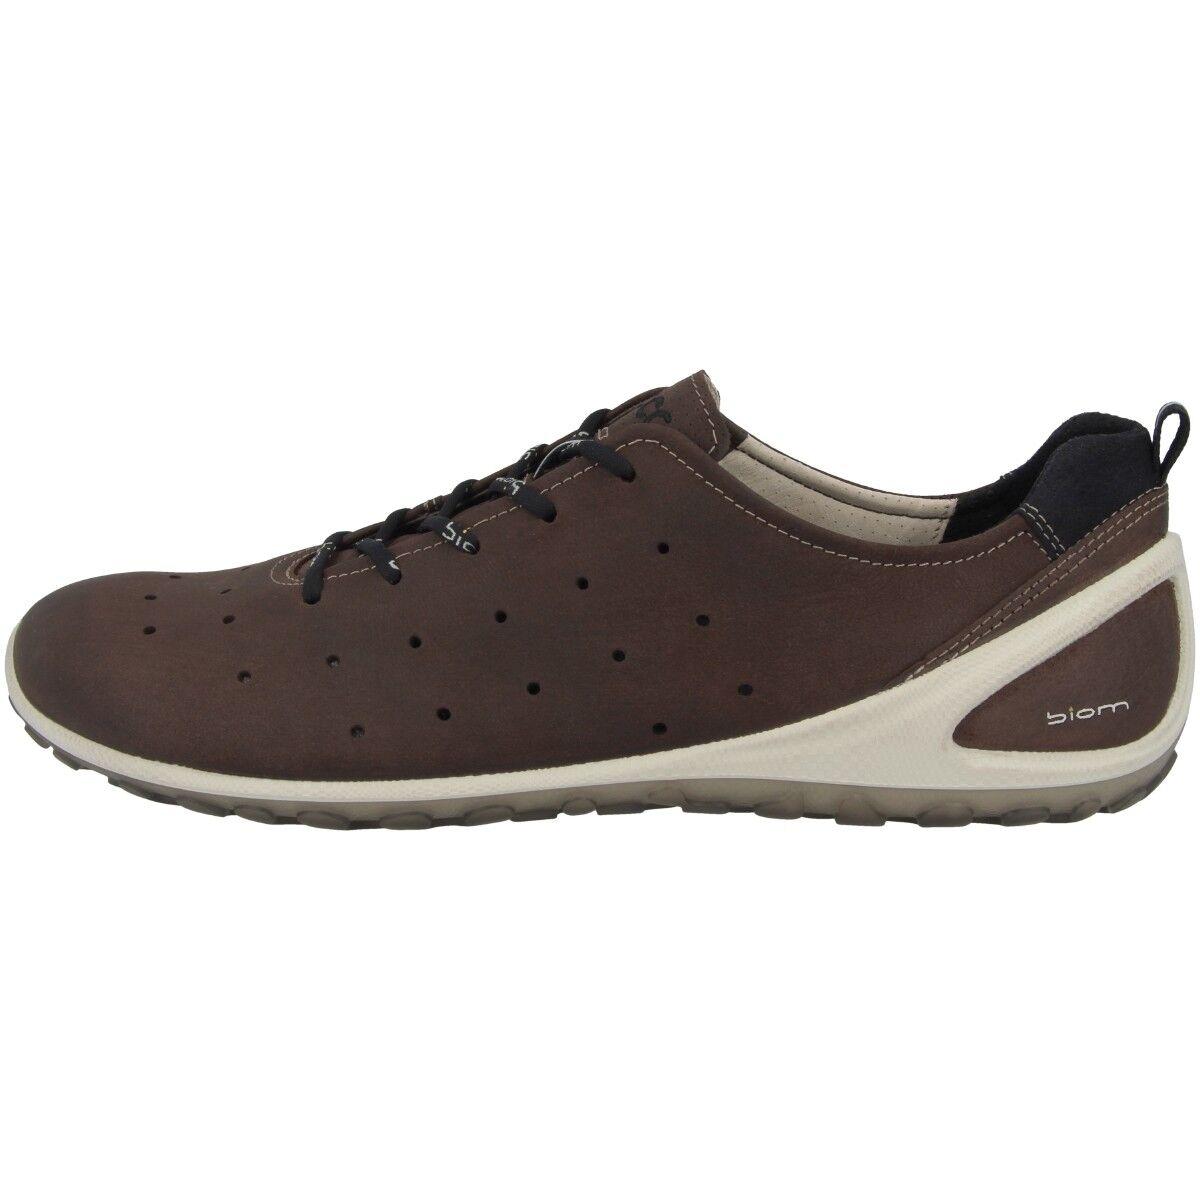 Ecco Biom Lite 1.2 Scarpe natural motion Men Uomo scarpe da ginnastica Coffee 802004-51869 | Tatto Comodo  | Gentiluomo/Signora Scarpa